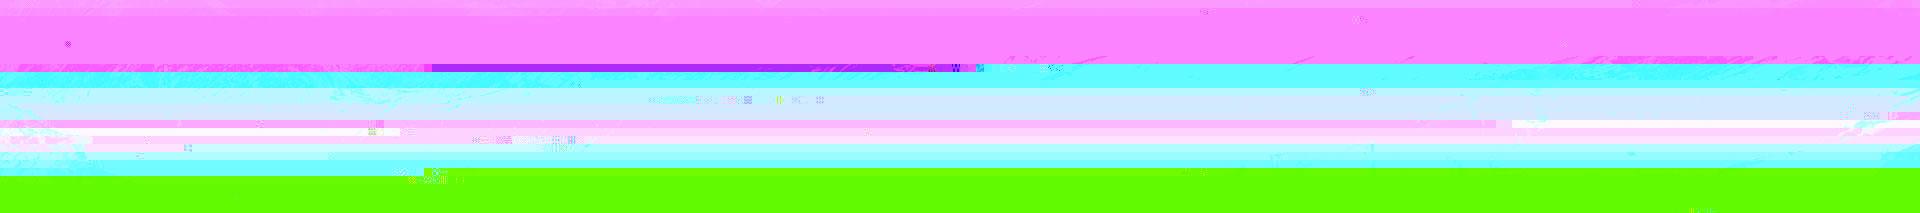 Glitch Art Experiment 2